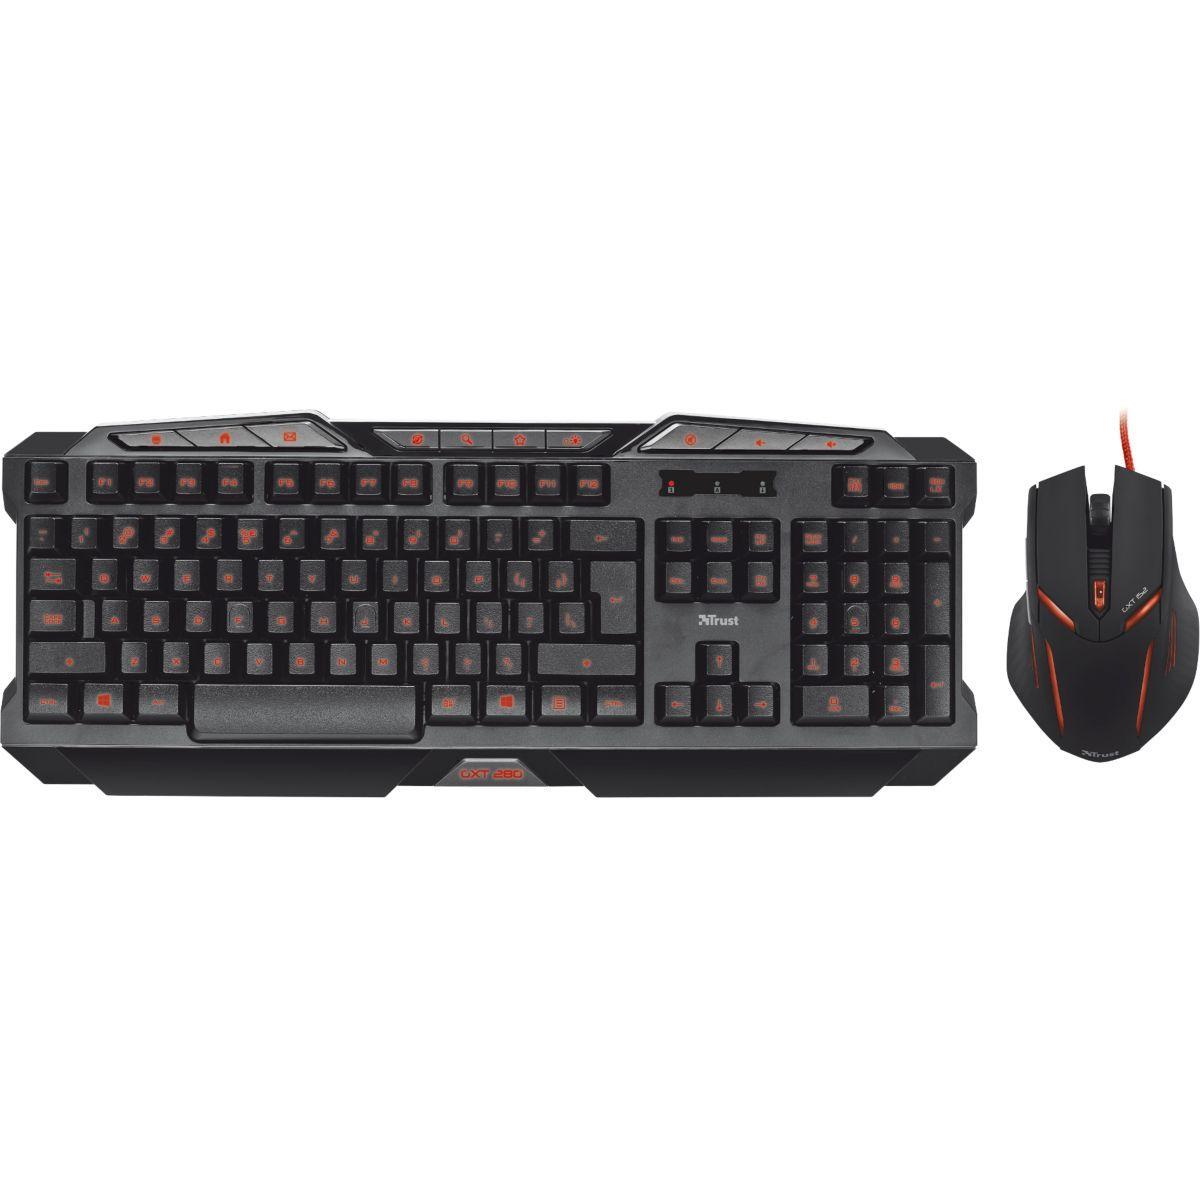 Pack clavier + souris trust gaming gxt280 + gxt152 ¼ - soldes et bonnes affaires à prix imbattables